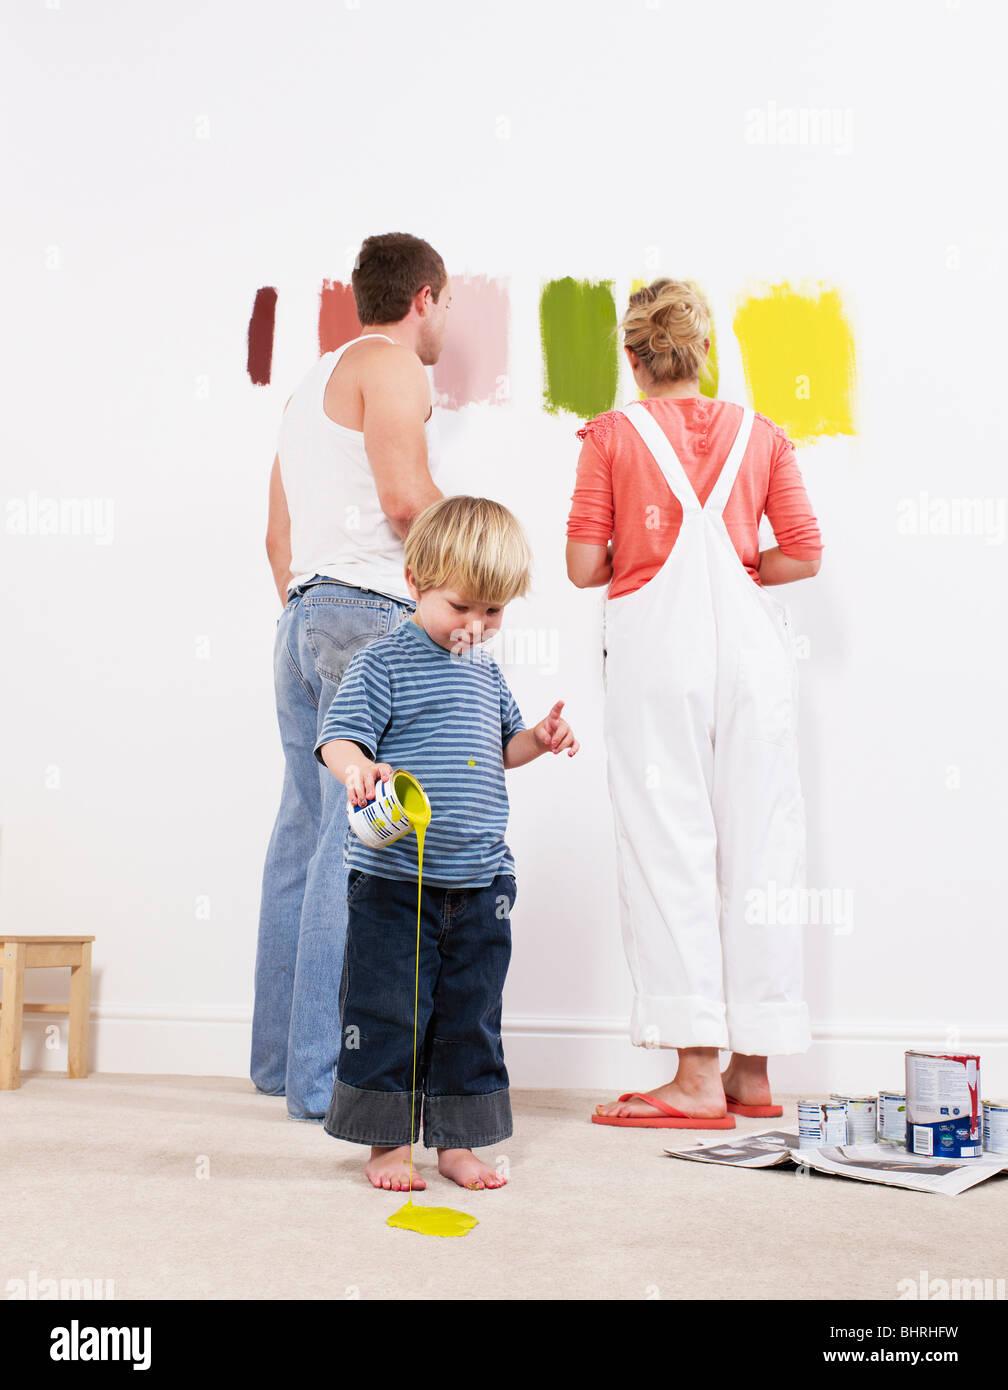 Il Toddler boy versando la vernice su un tappeto Immagini Stock